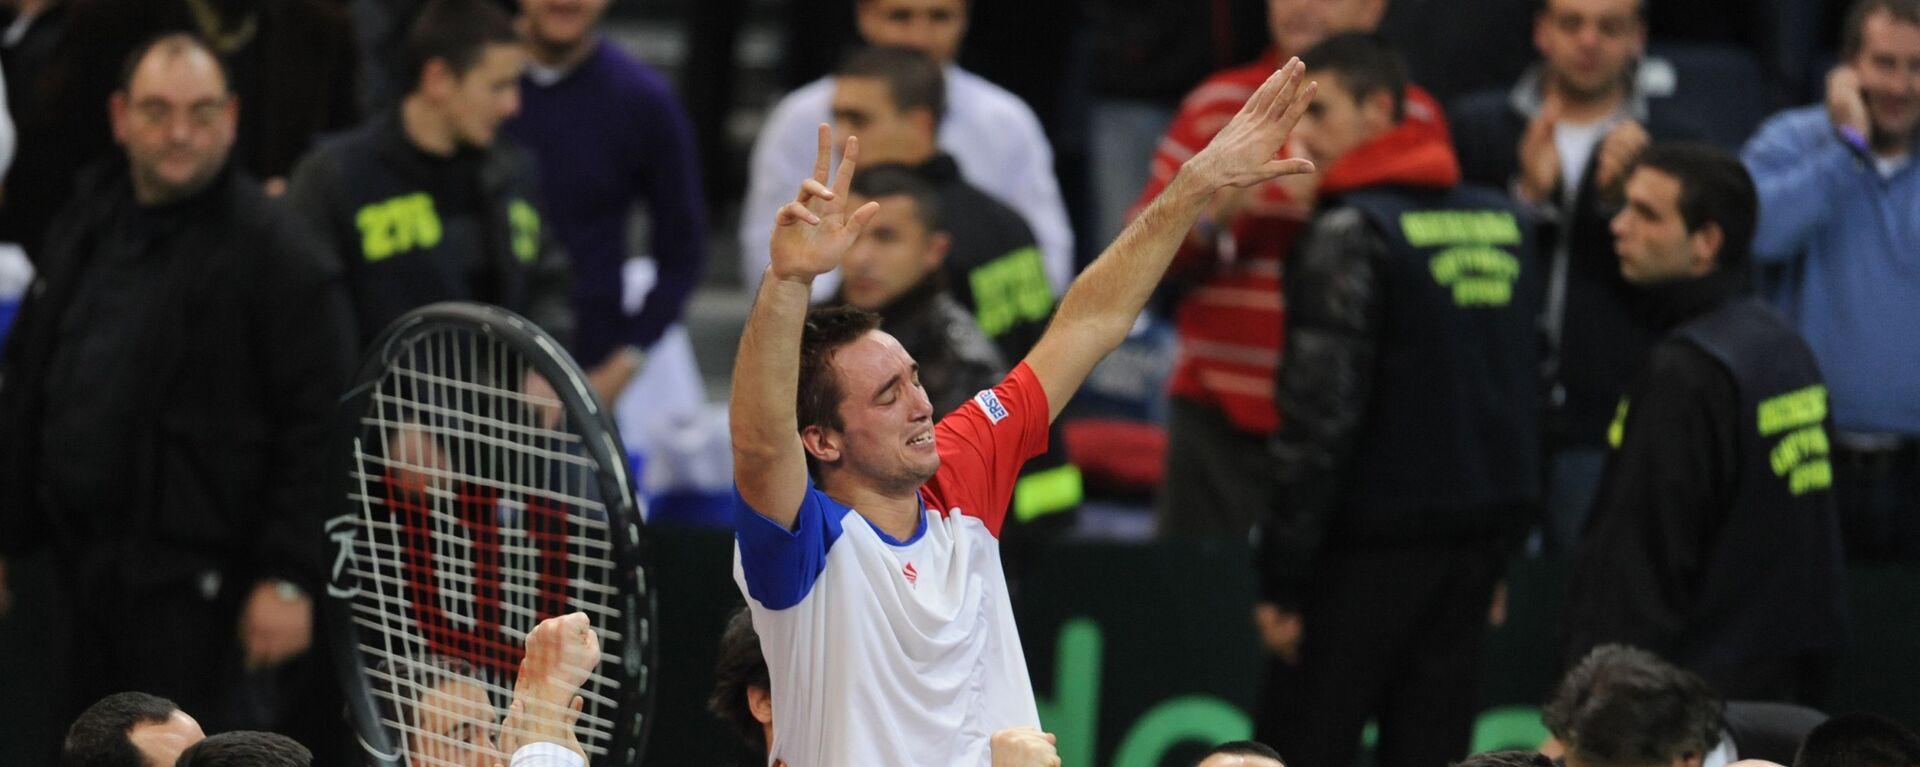 Viktor Troicki posle pobede nad Francuskom u finalu Dejvis kupa 2010. godine - Sputnik Srbija, 1920, 18.12.2020